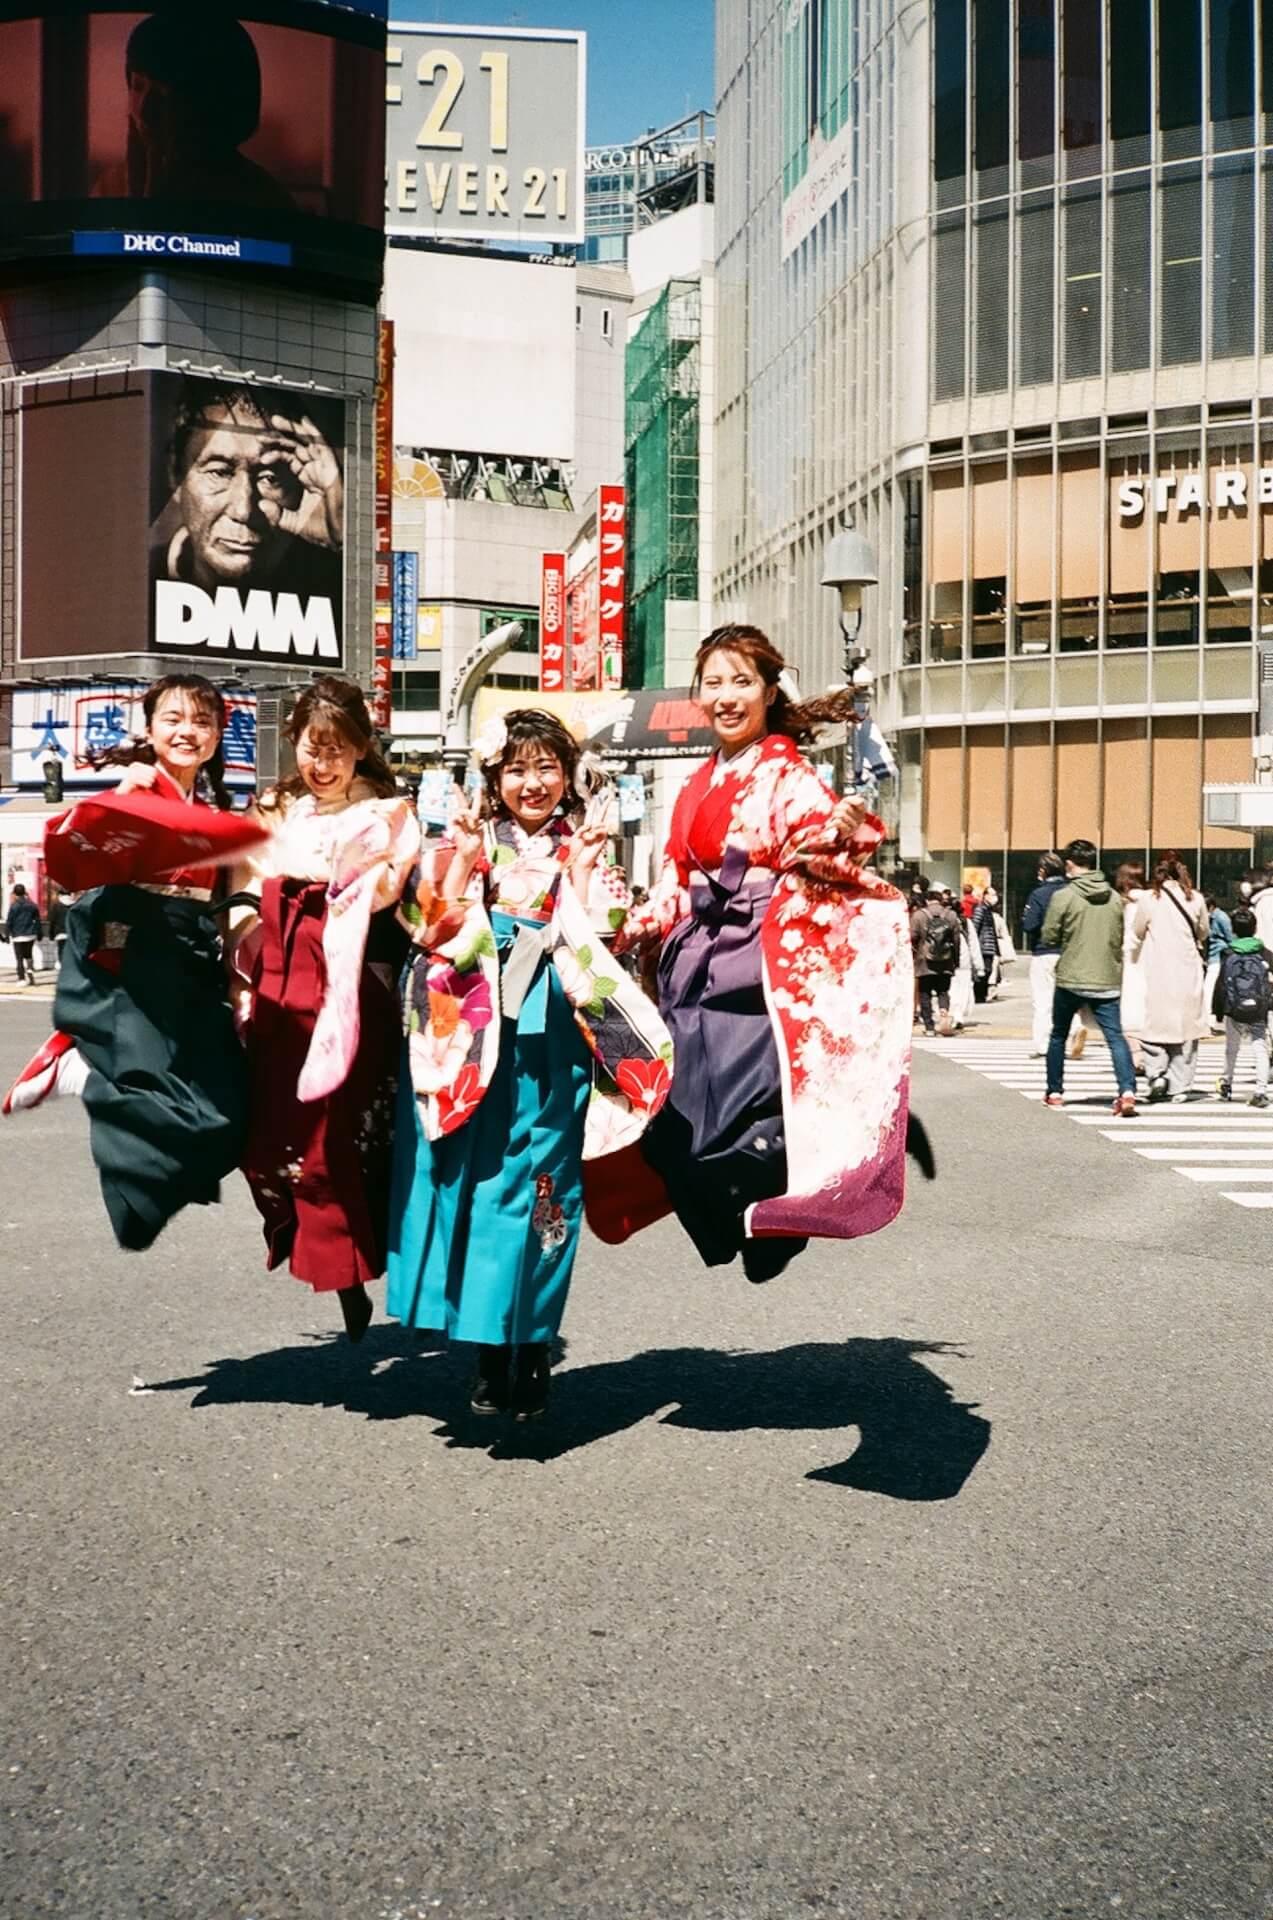 はなむけしゃしん - ぶるじょあ会「渋谷は日本のTOKYO」 art200415_hanamukeshashin5_25